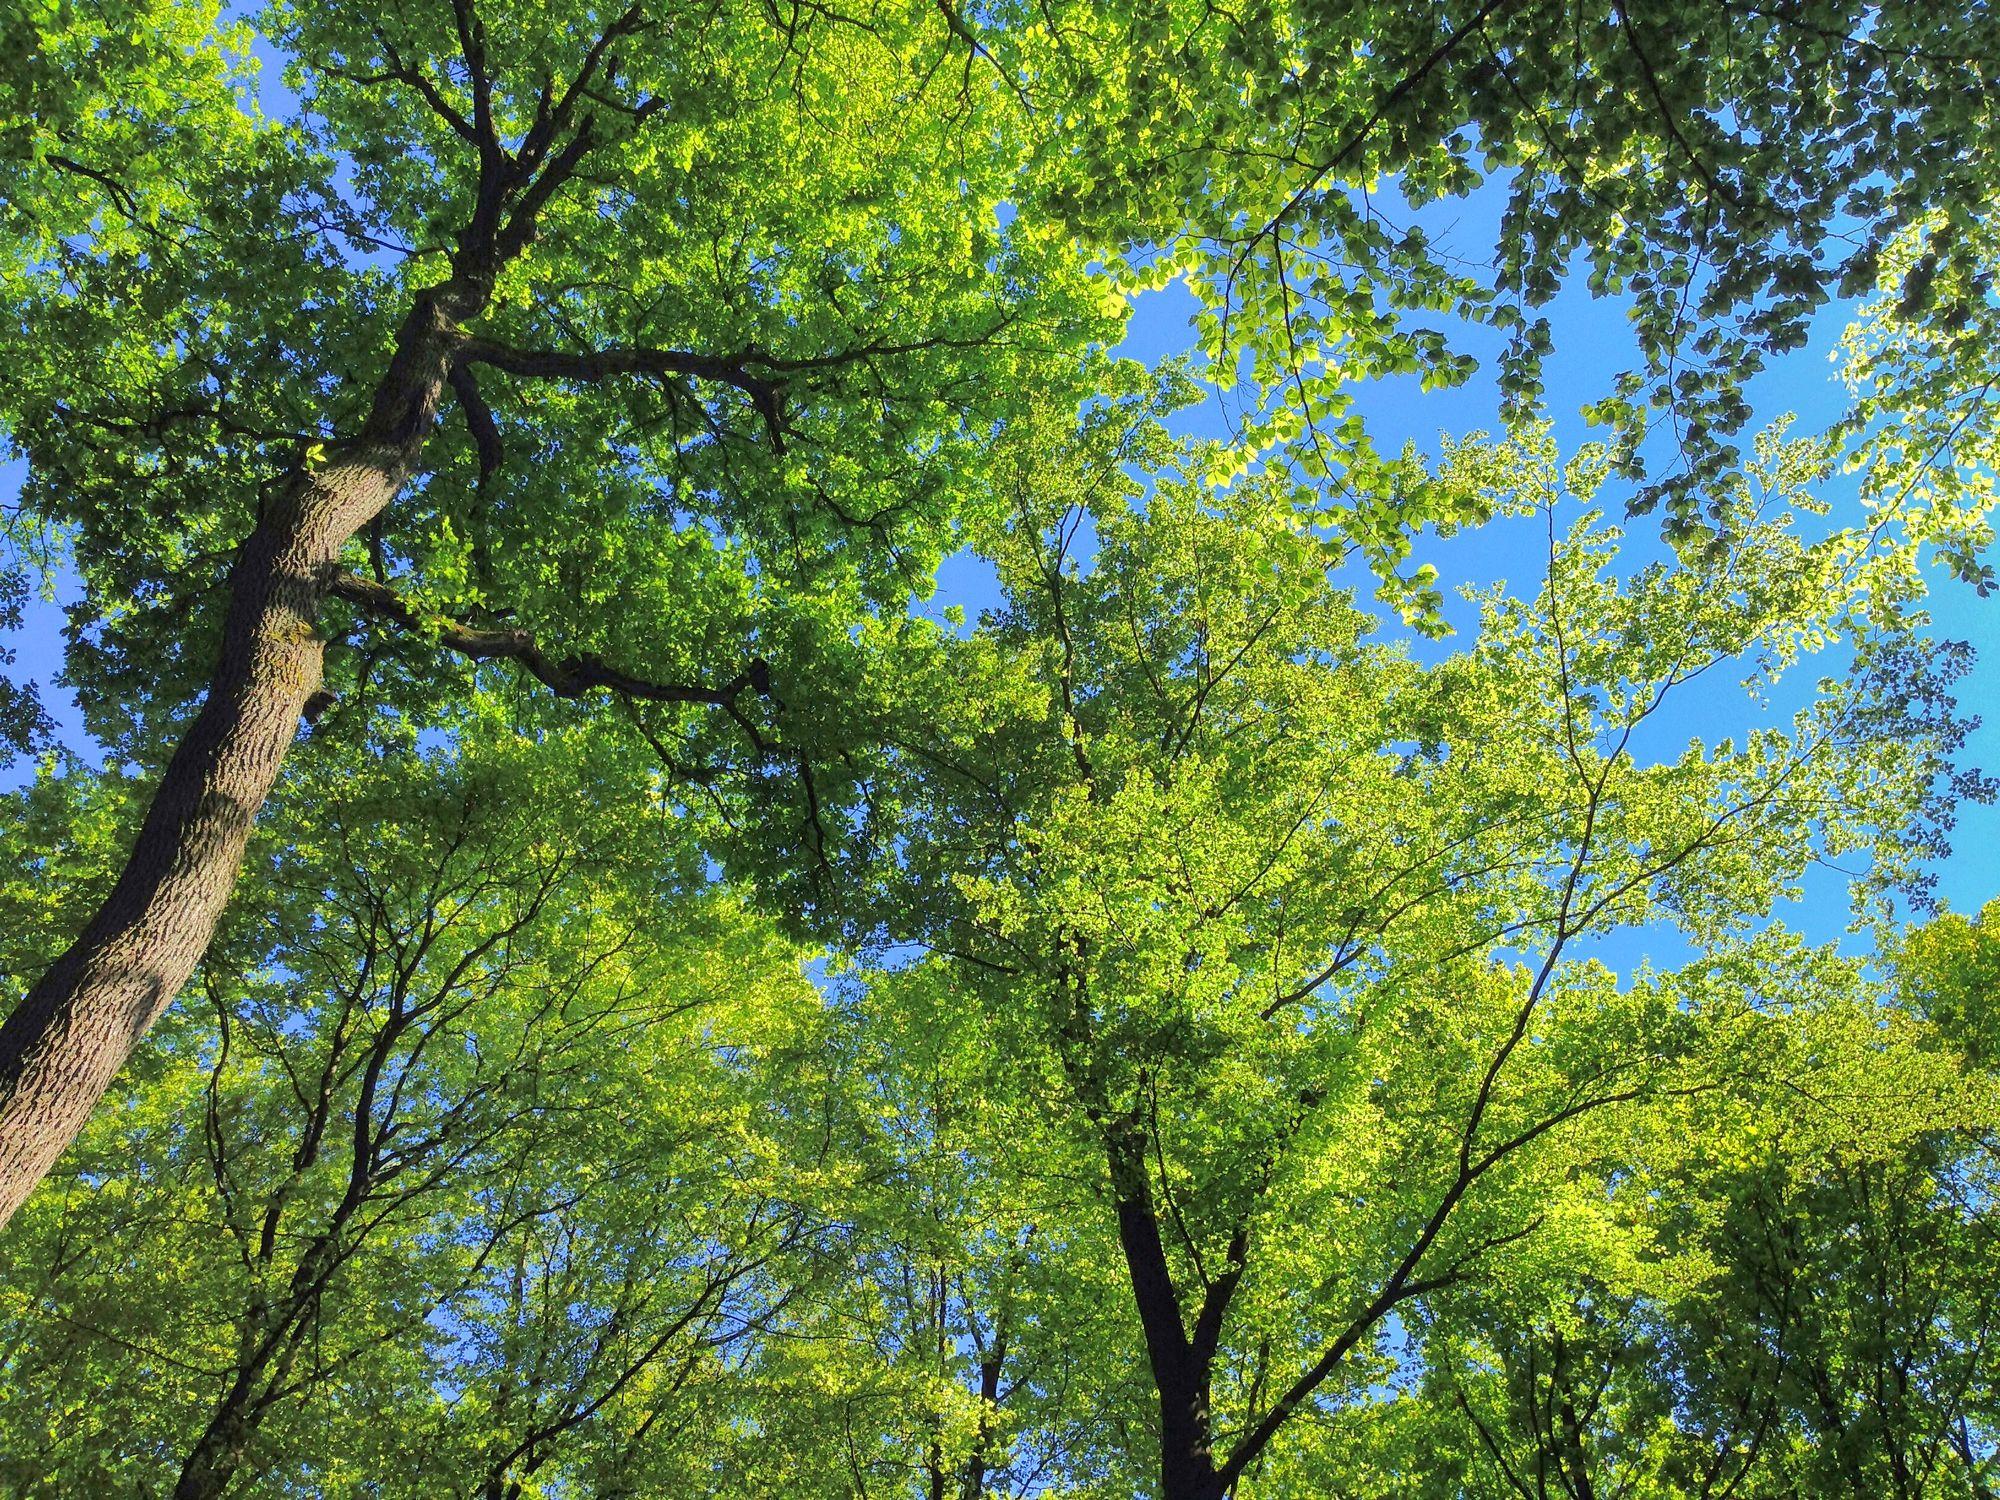 Bild mit Farben, Natur, Grün, Pflanzen, Landschaften, Himmel, Bäume, Jahreszeiten, Wälder, Frühling, Herbst, Tageslicht